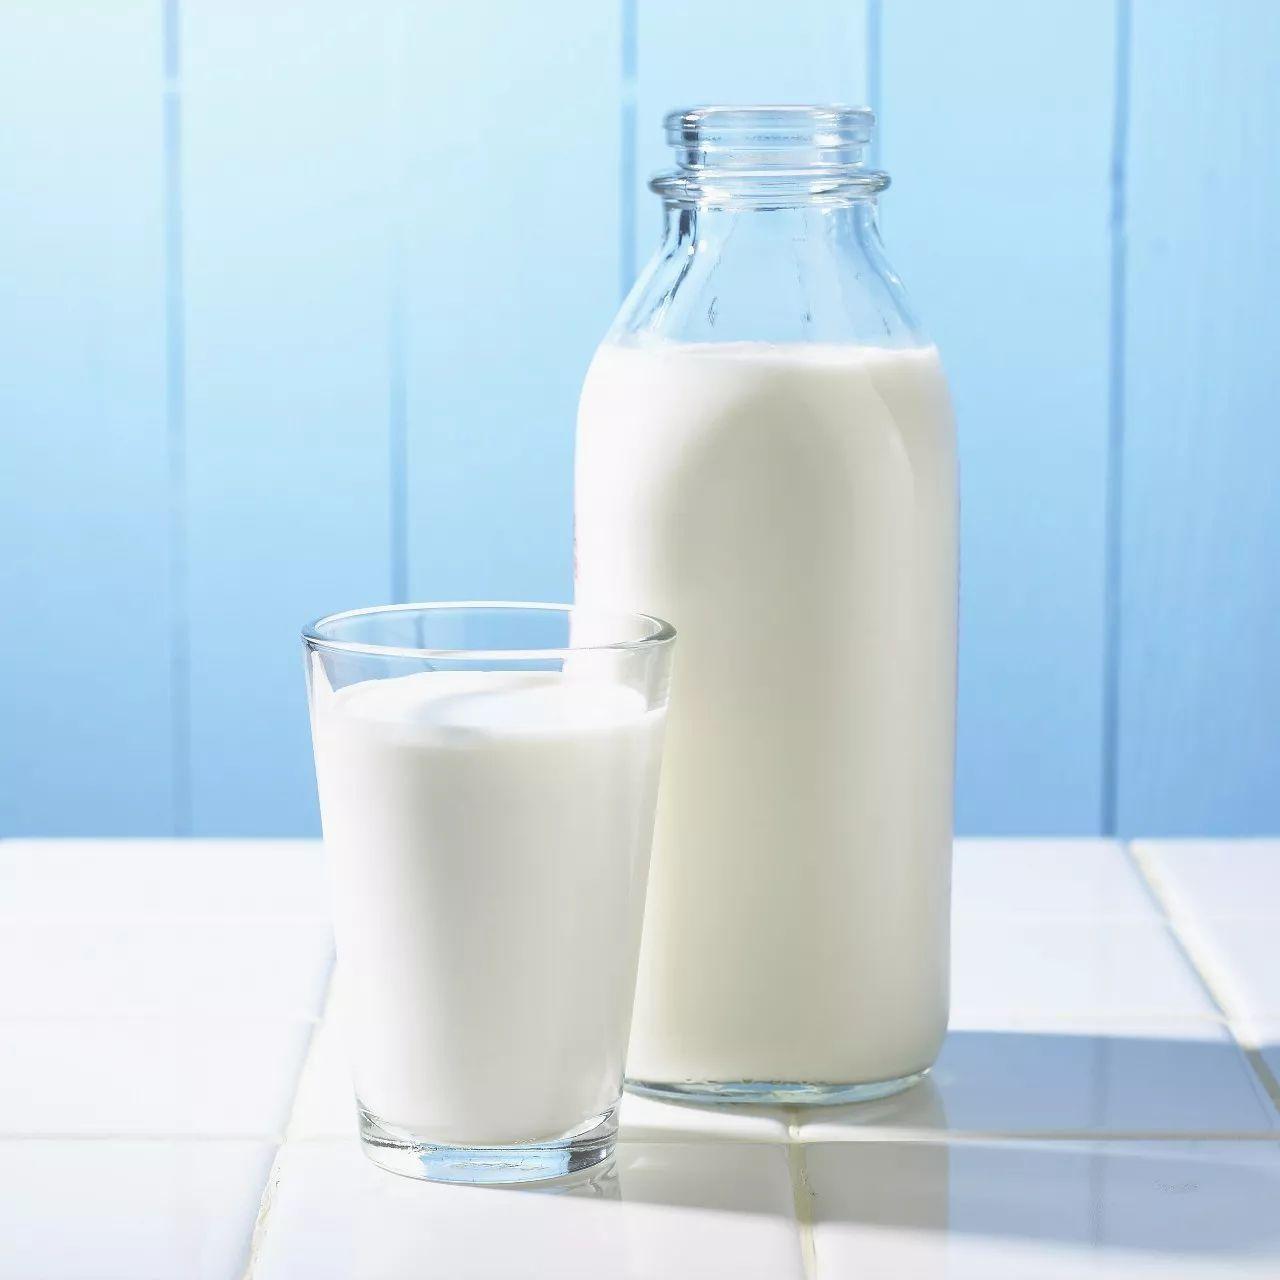 牛奶可以卸妆的原理_简单来说,这个卸妆巾的原理